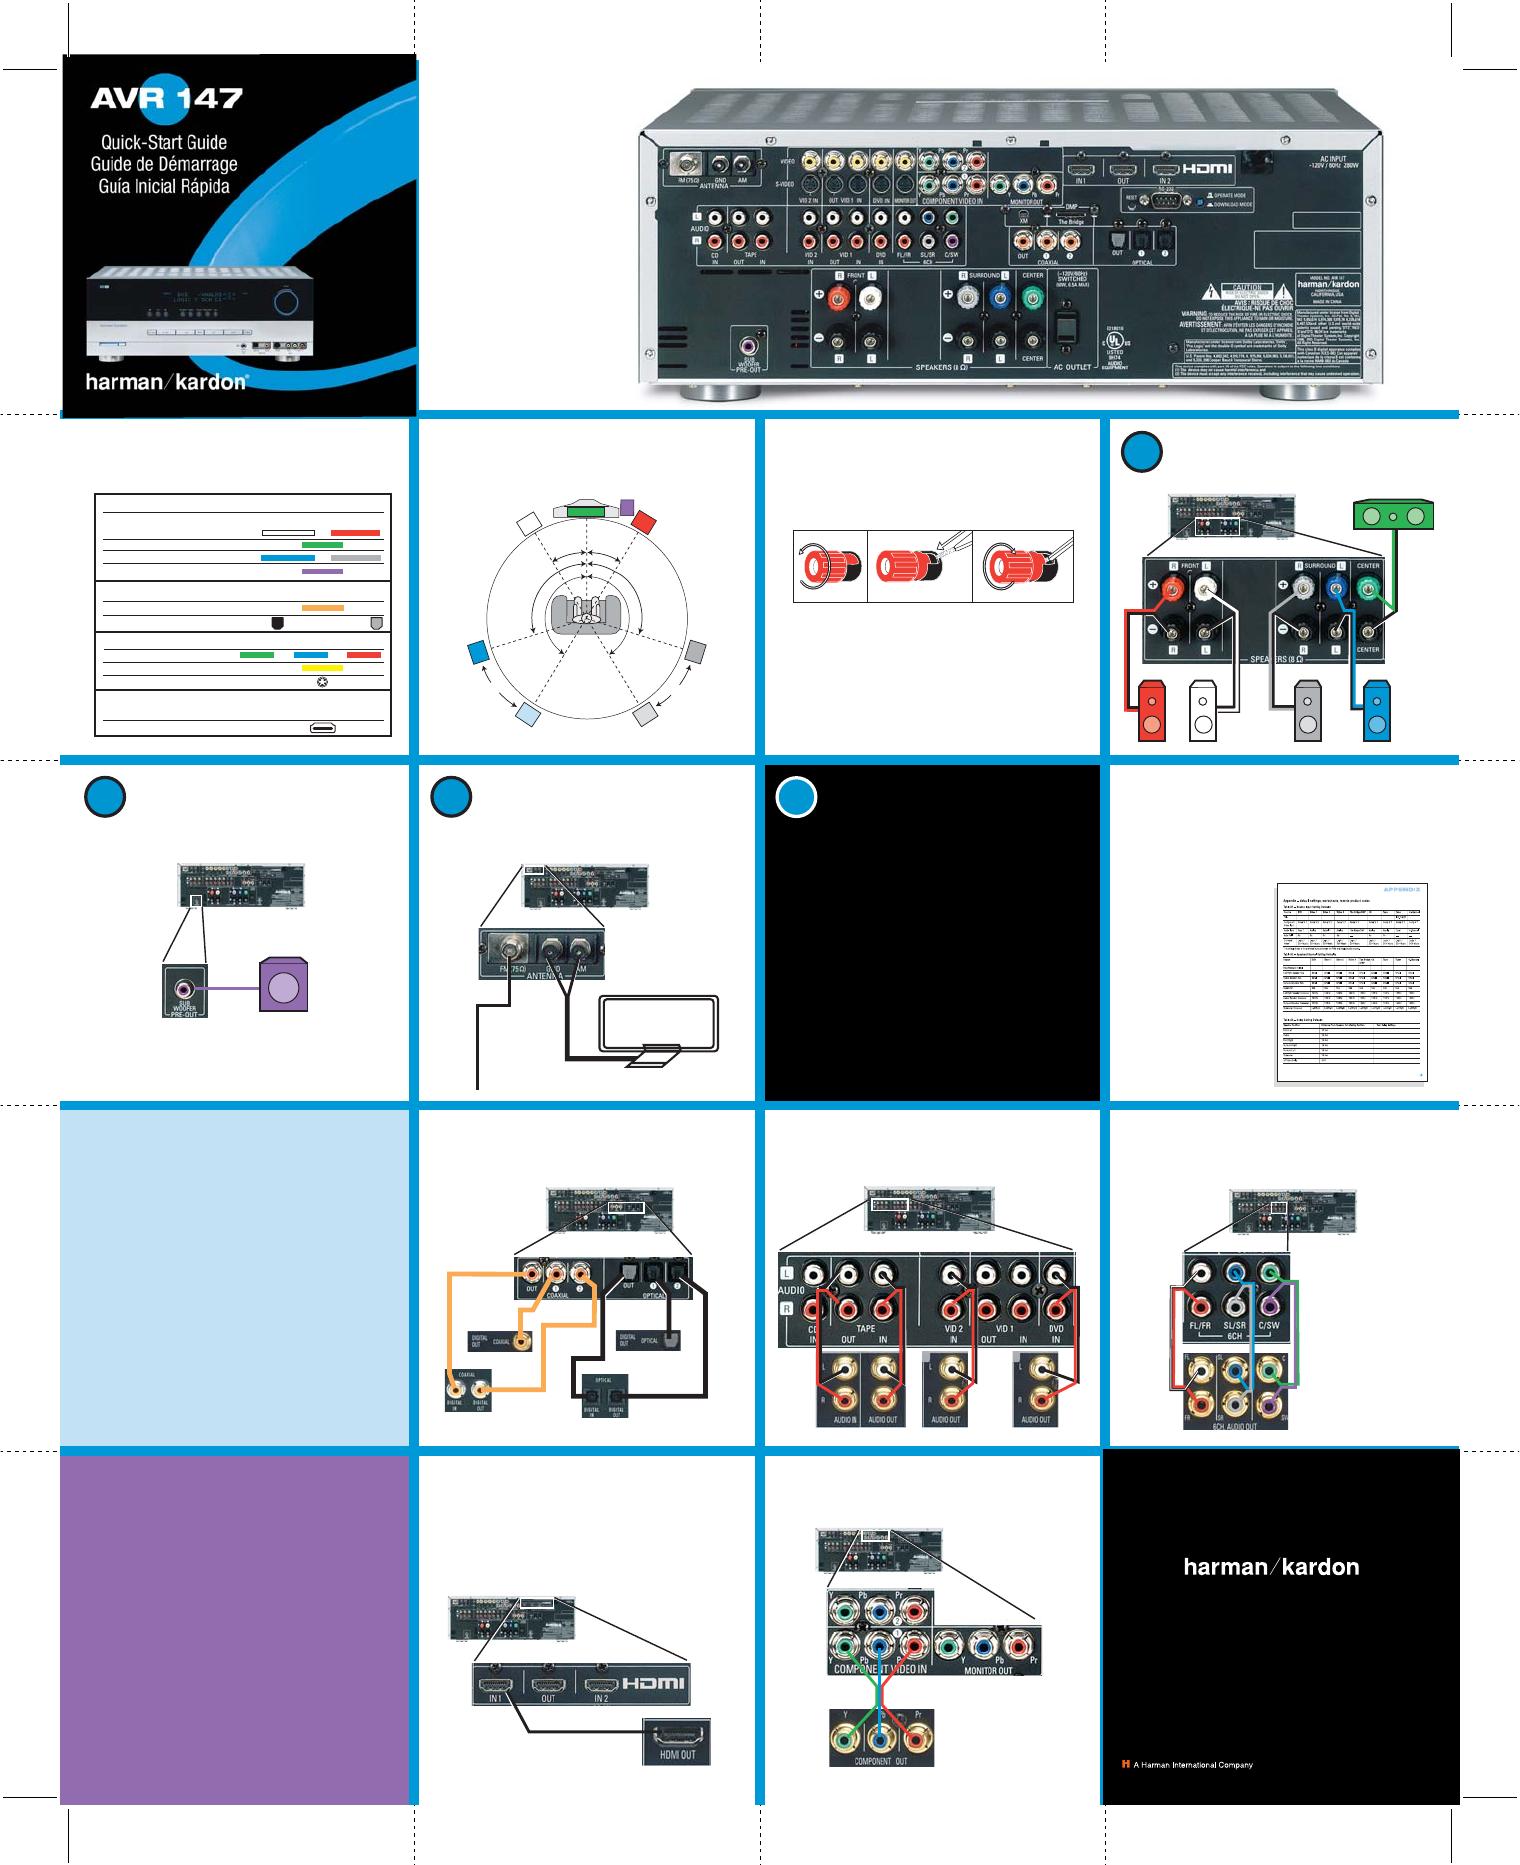 harman kardon tv video accessories avr 147 user guide rh tv manualsonline com Harman Kardon AVR Models Harman Kardon AVR 20 II Specifications